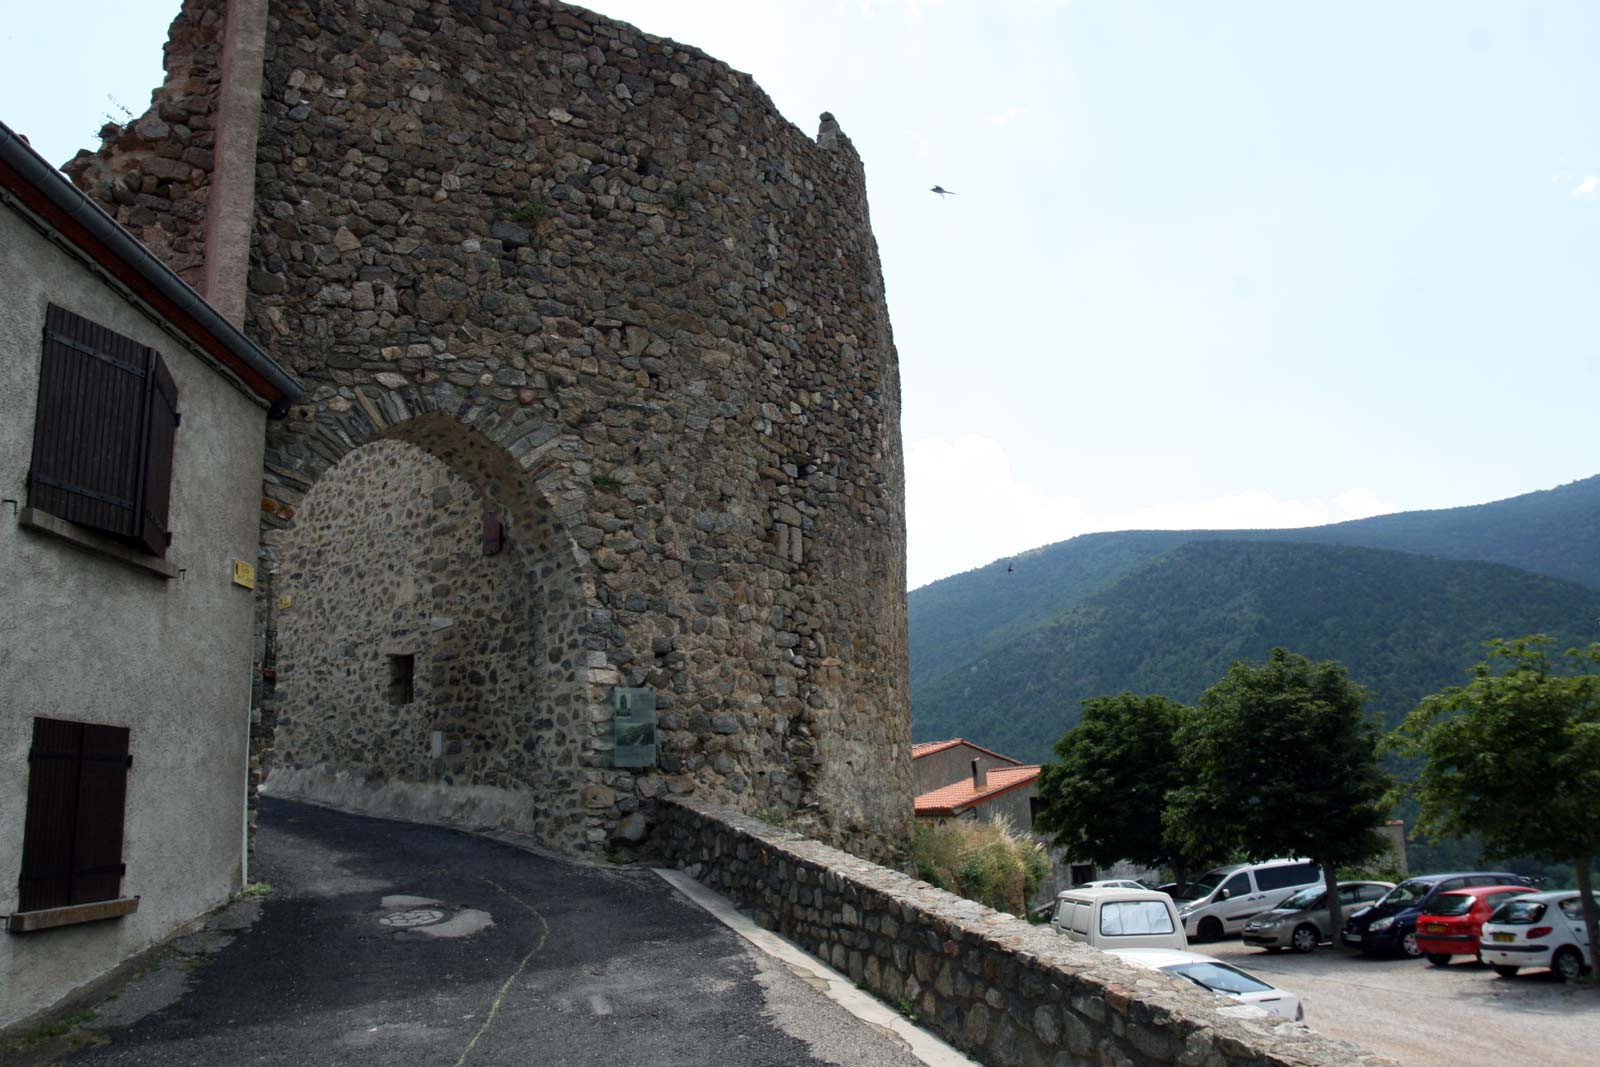 Poort van het kasteel in Mosset, een dorp in het zuiden van Frankrijk